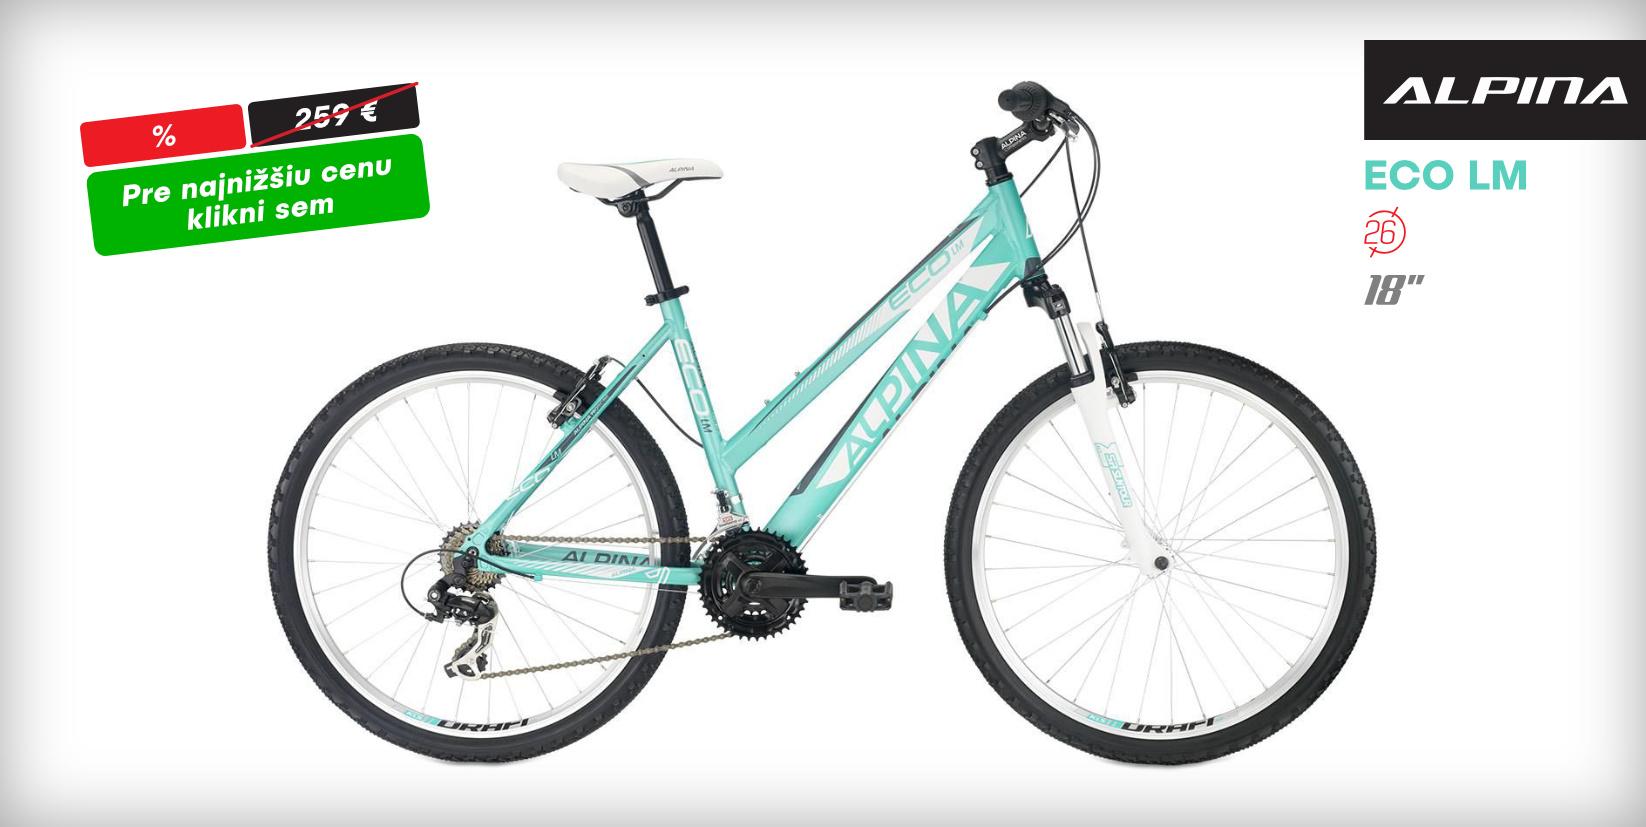 """Alpina Eco LM 2018 Aqua 18"""""""